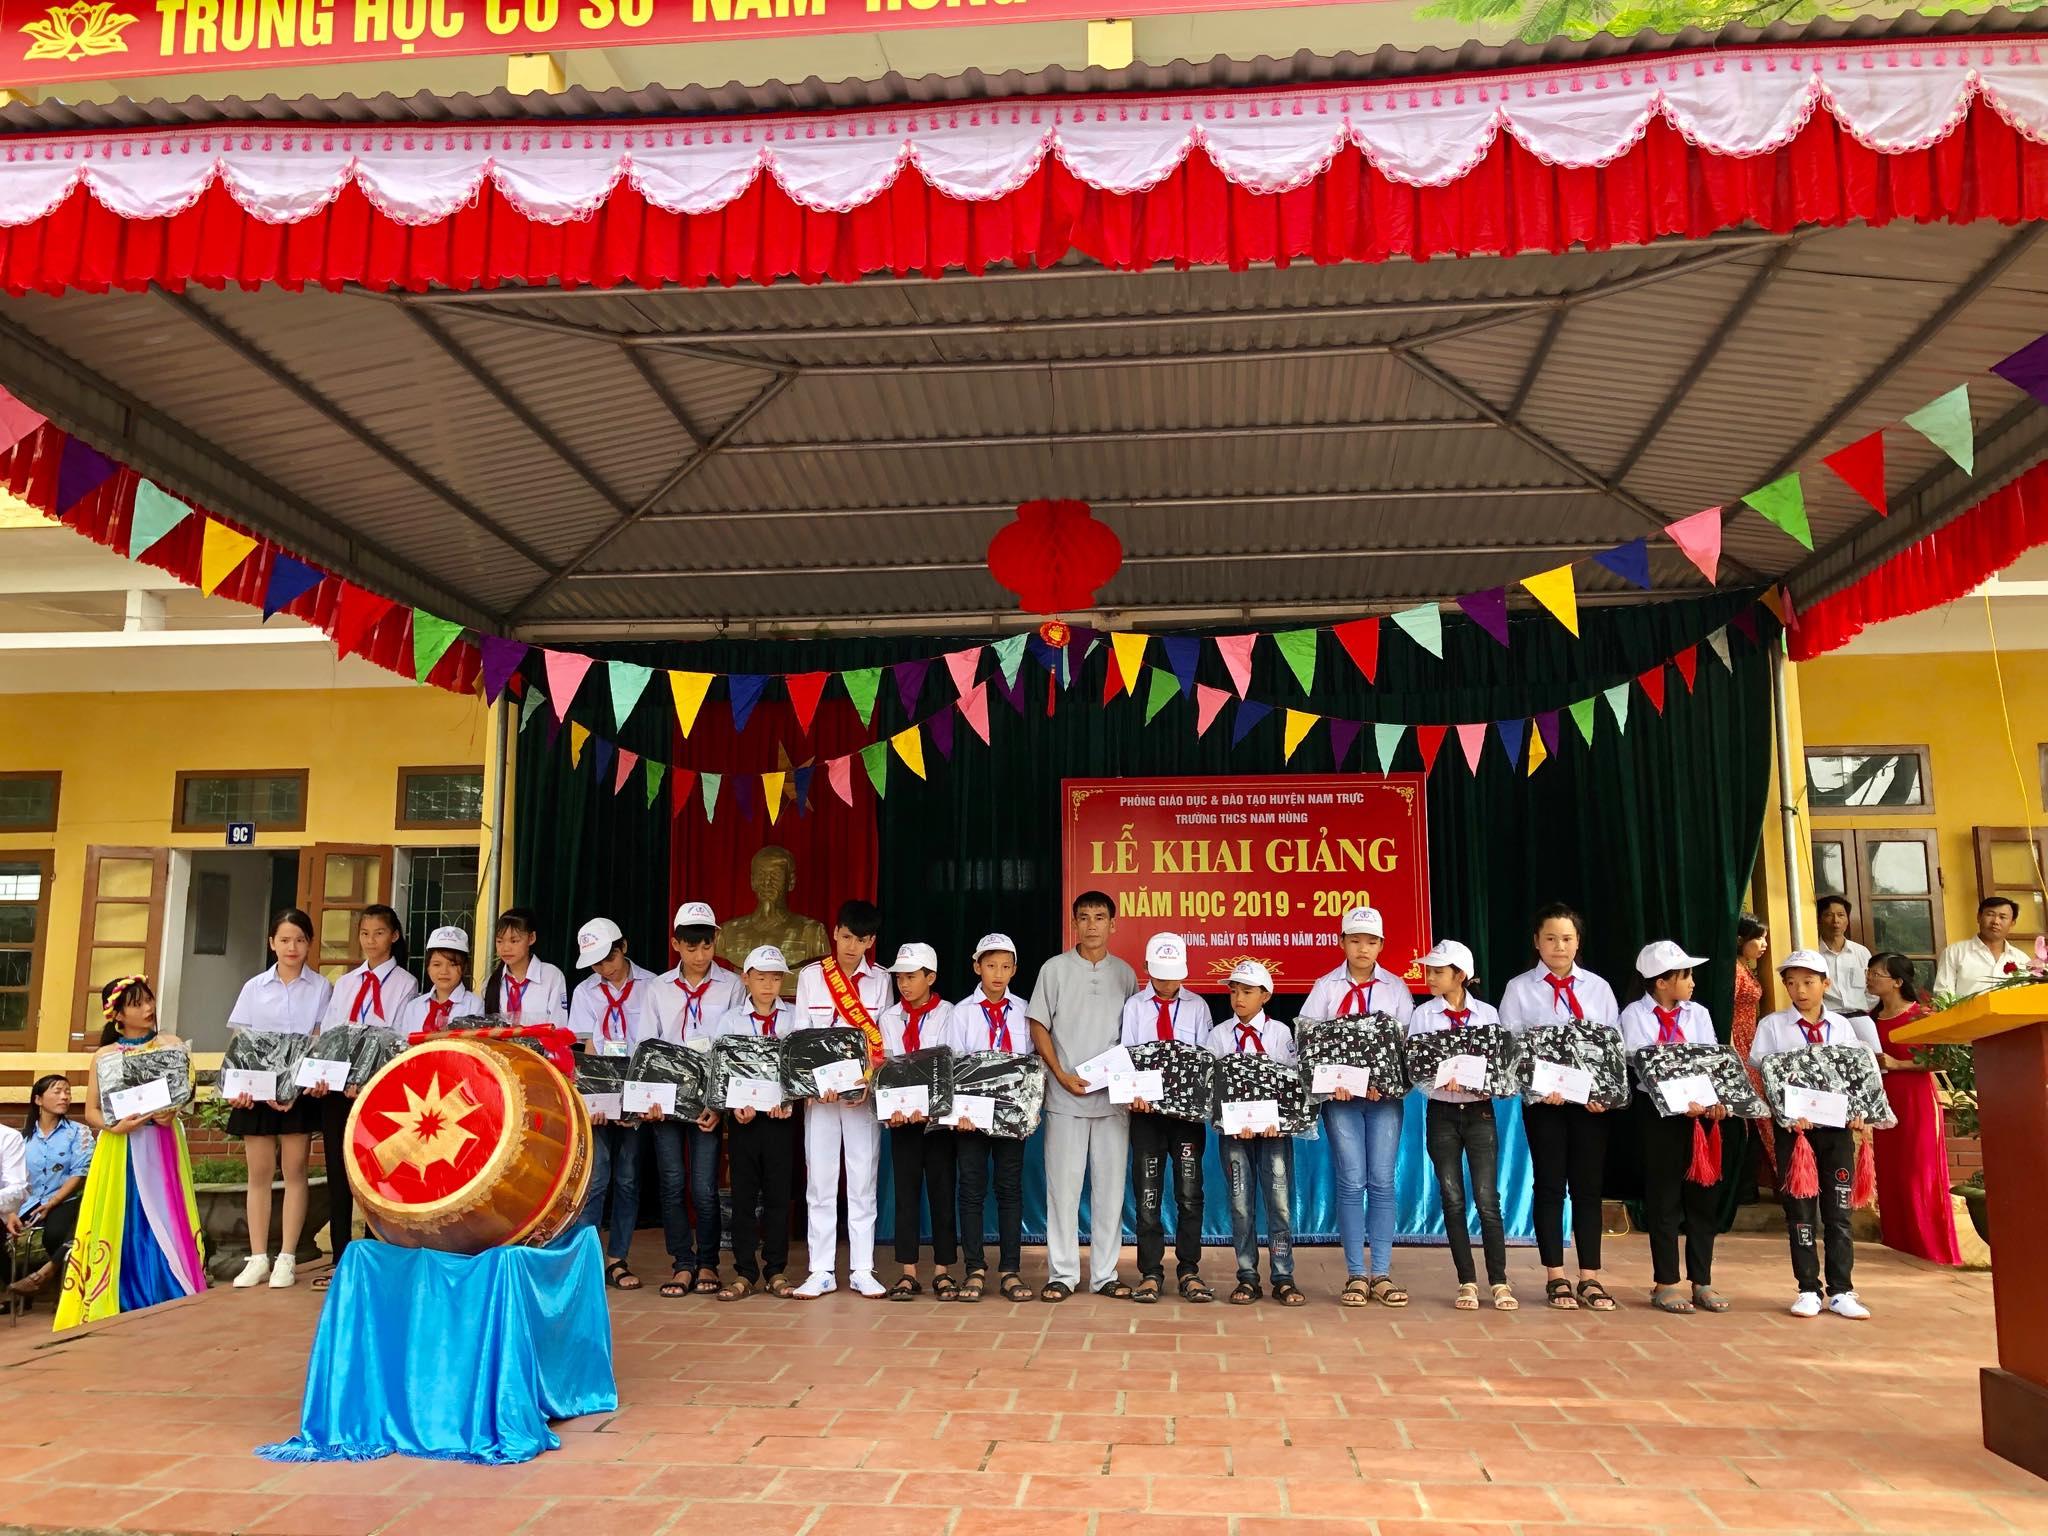 Tín đồ Phật tử chùa Thọ tung tặng học bổng và quà cho 20 học sinh Giỏi, vượt khó